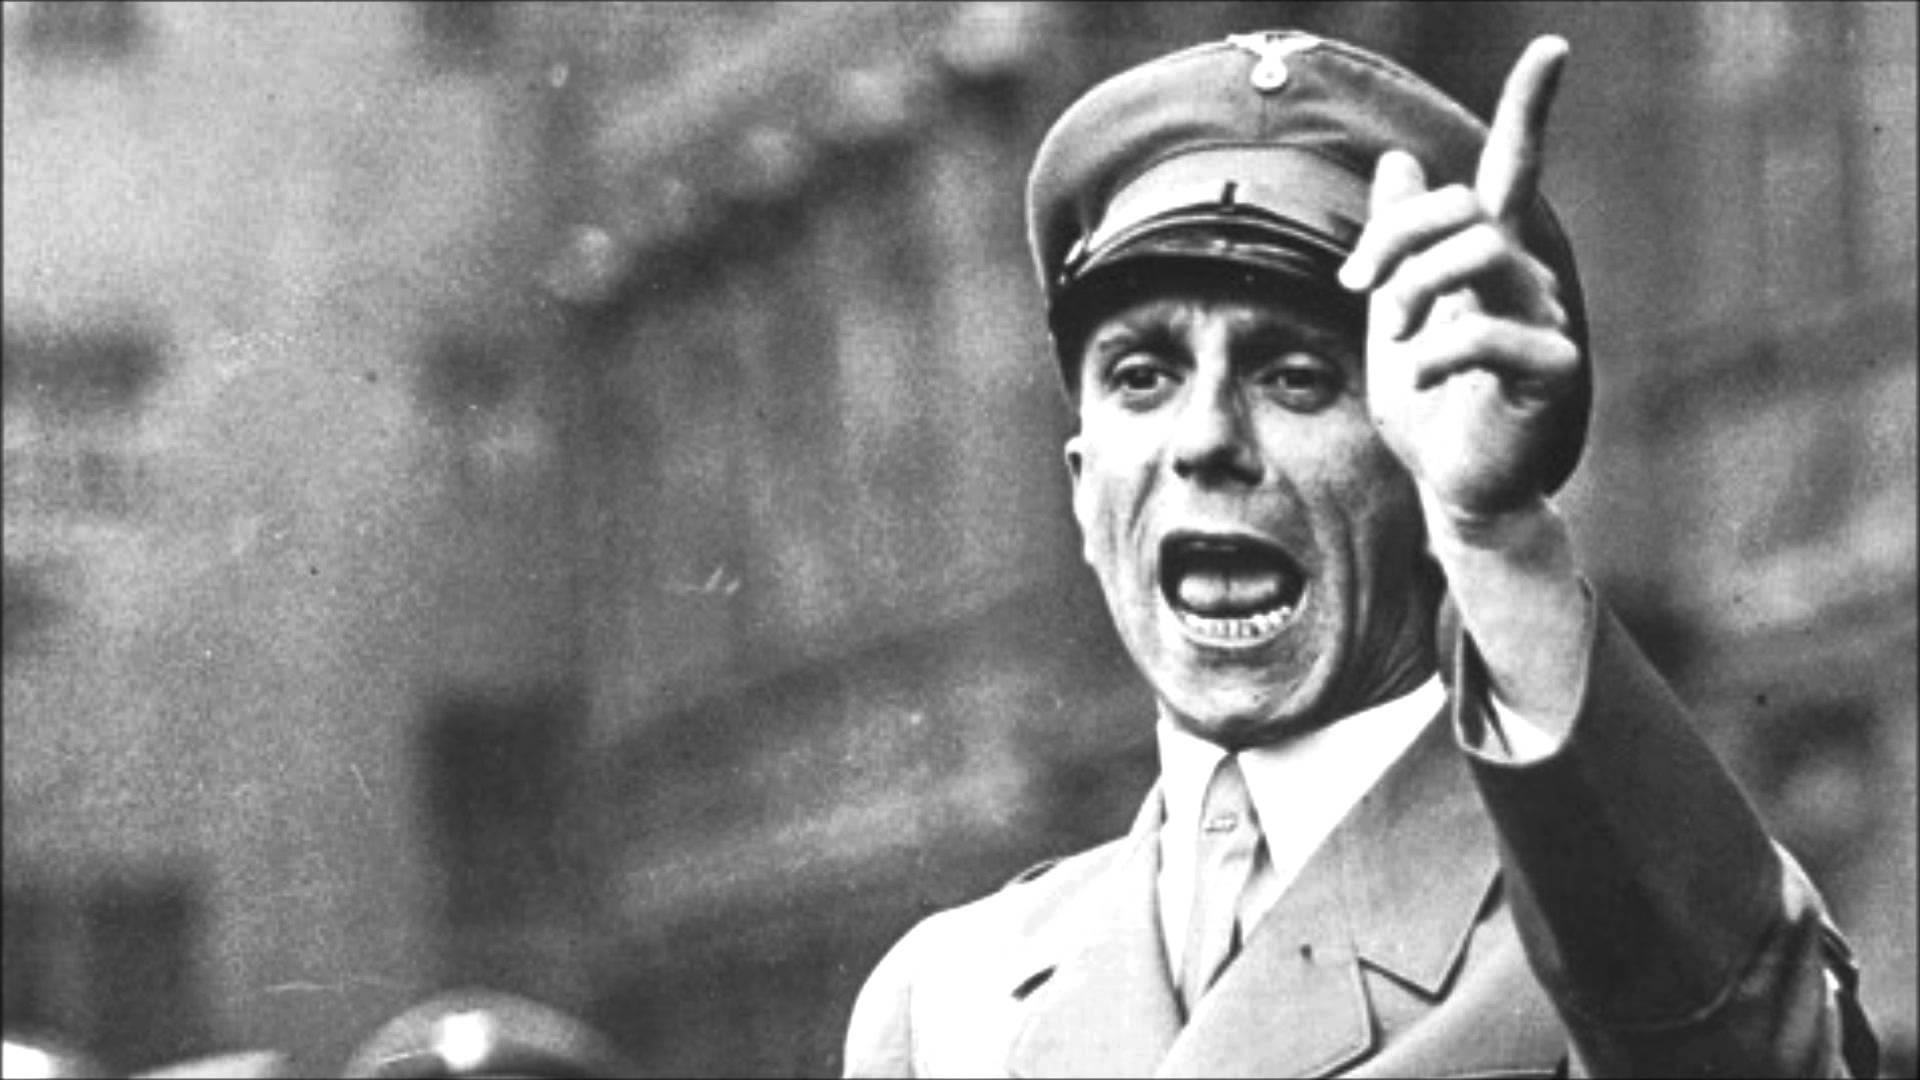 Erfgenamen willen geld voor gebruik citaten Joseph Goebbels